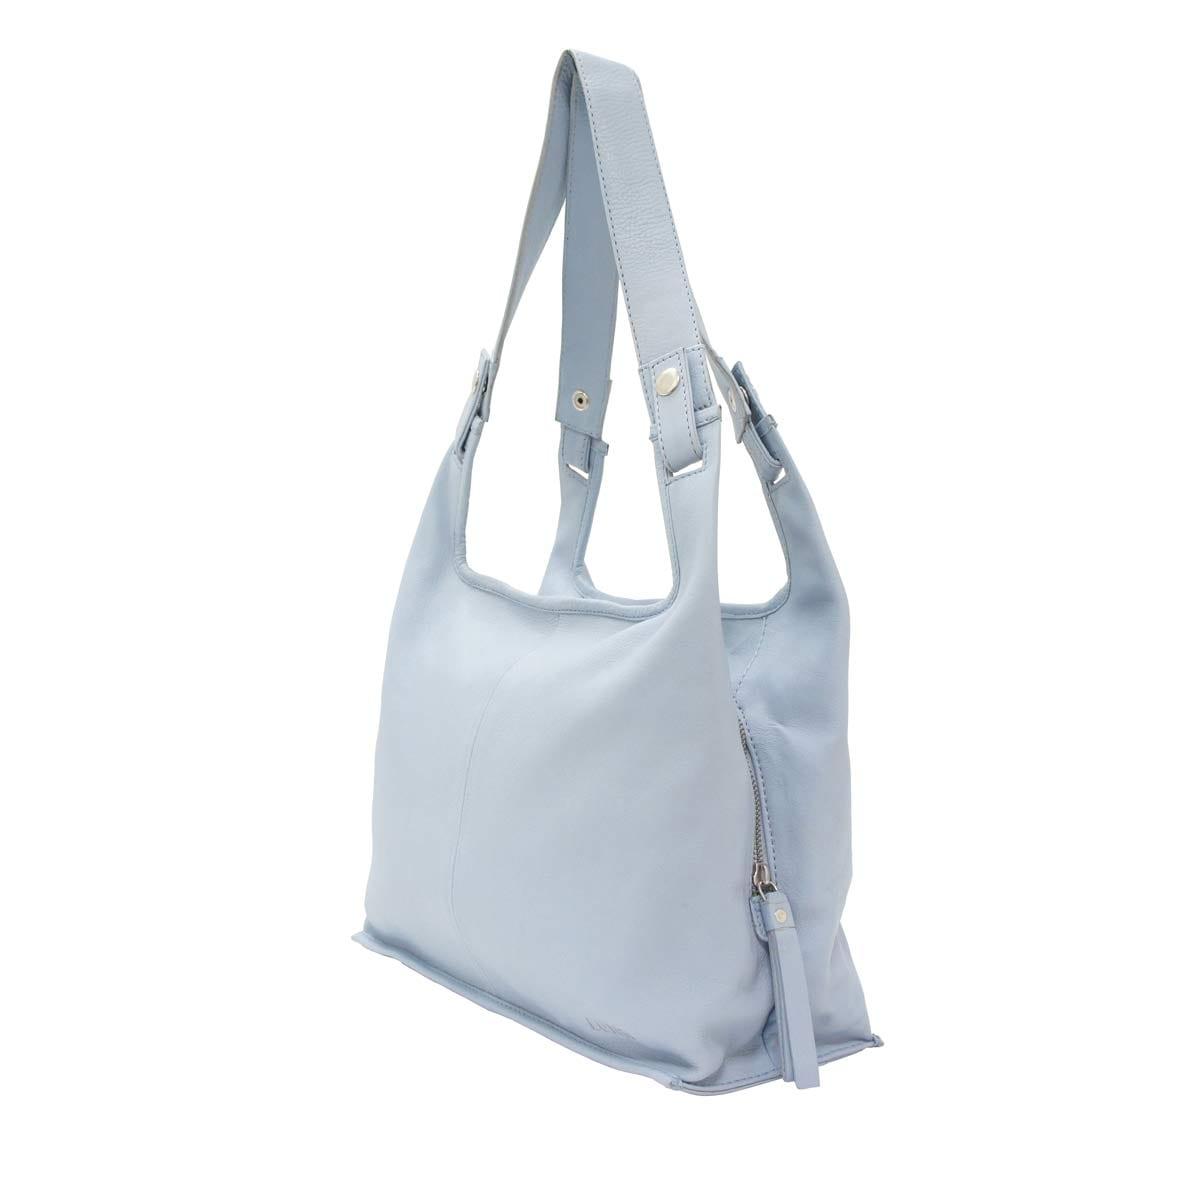 Classic Supermarket Bag Medium Sky Blue Lumi Accessories